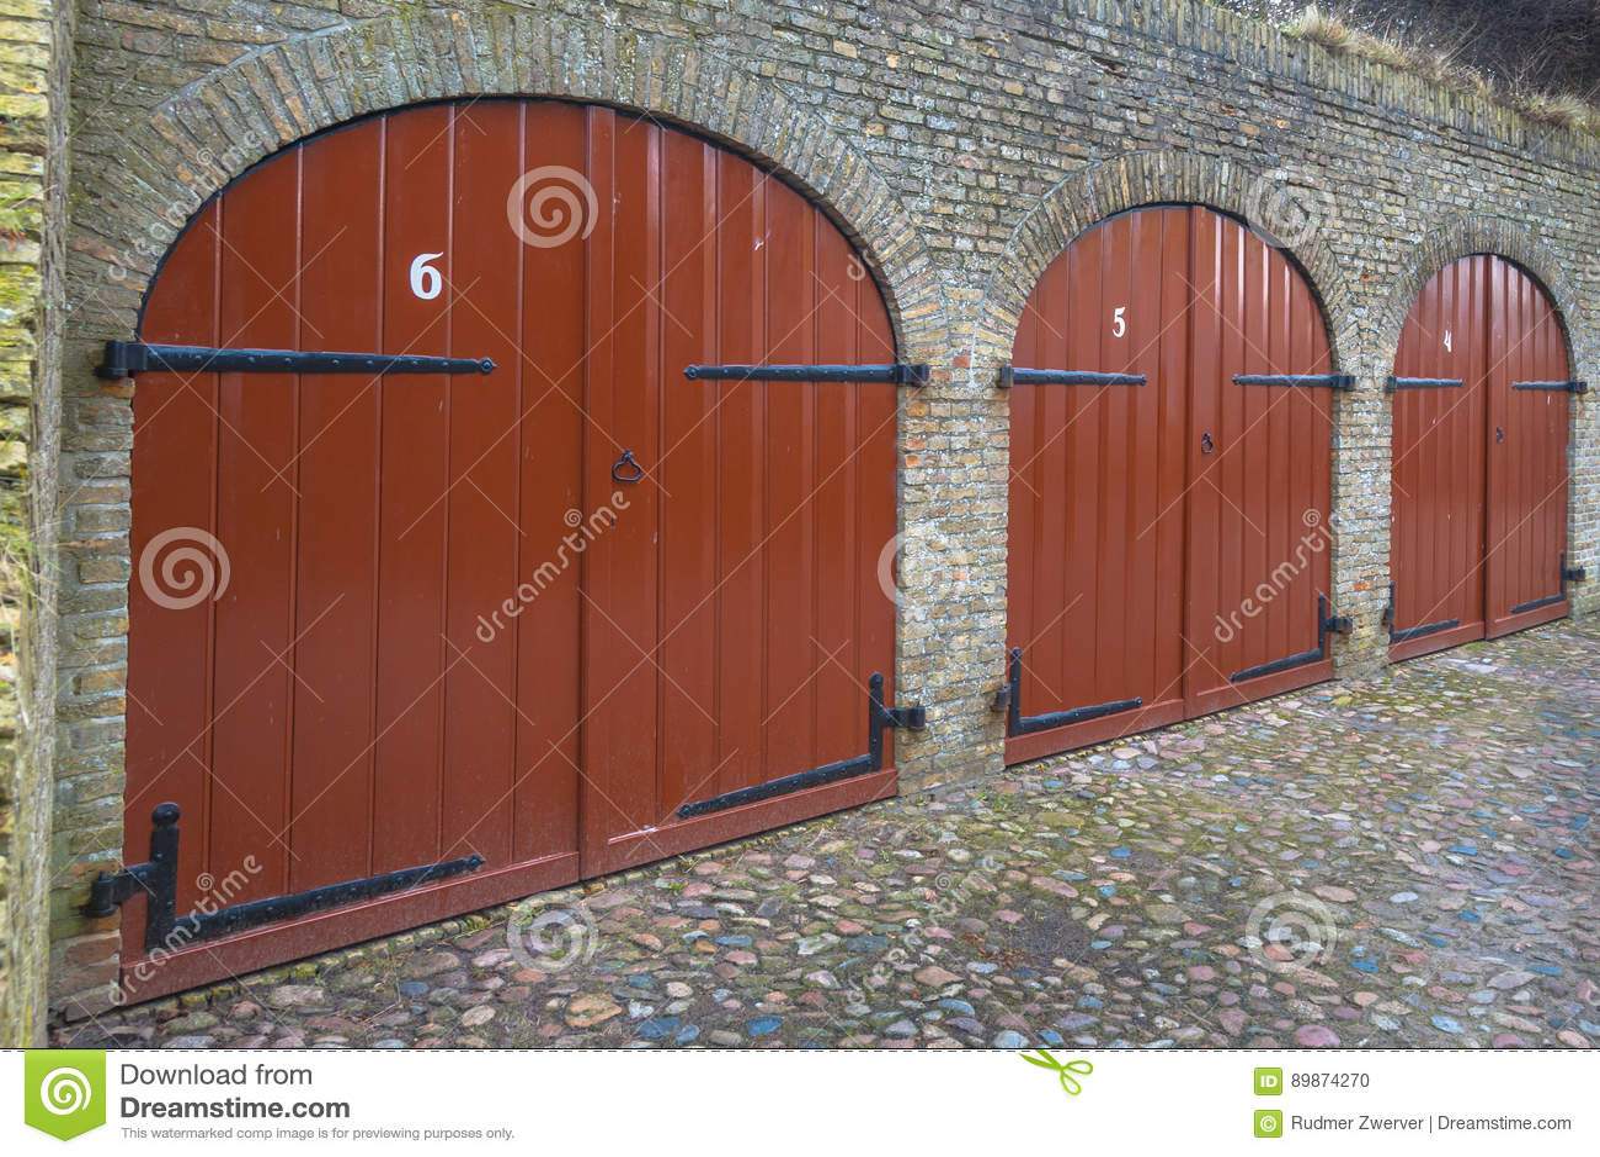 Foto Di Porte Antiche porte antiche della cantina fotografia stock - immagine di